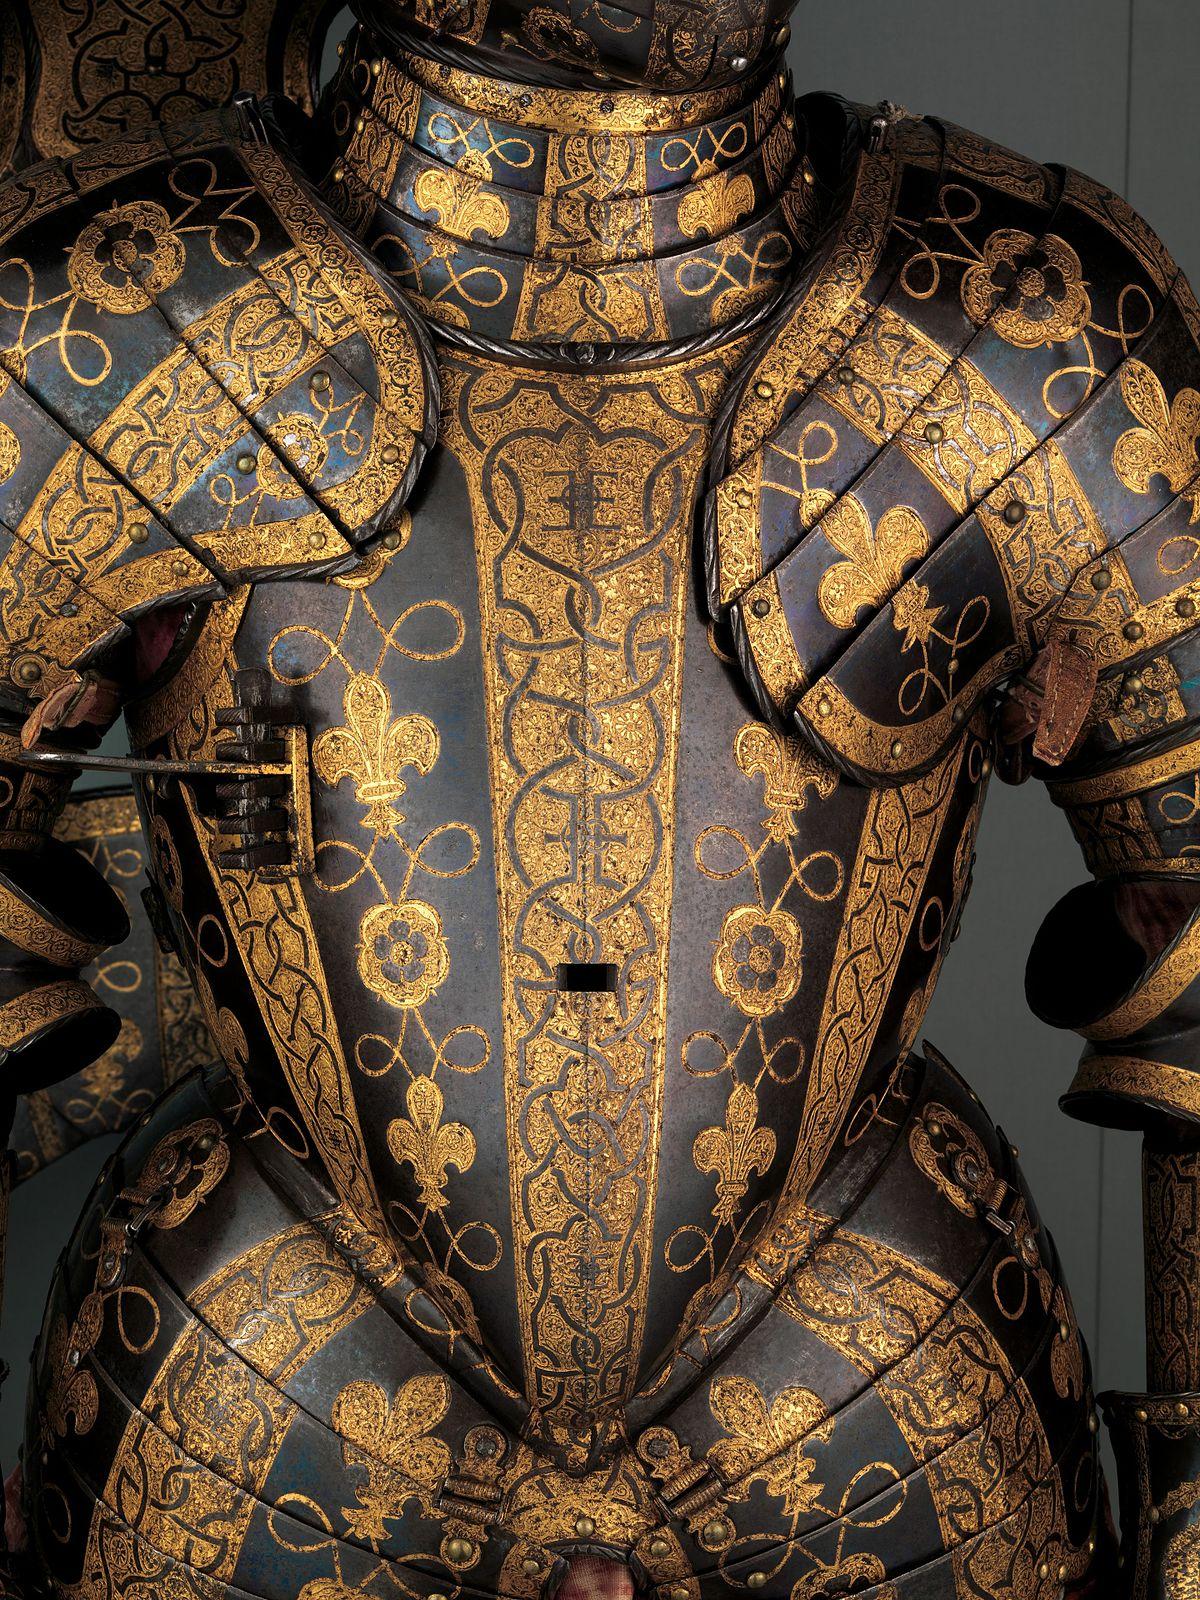 Armor Patterns Unique Inspiration Ideas